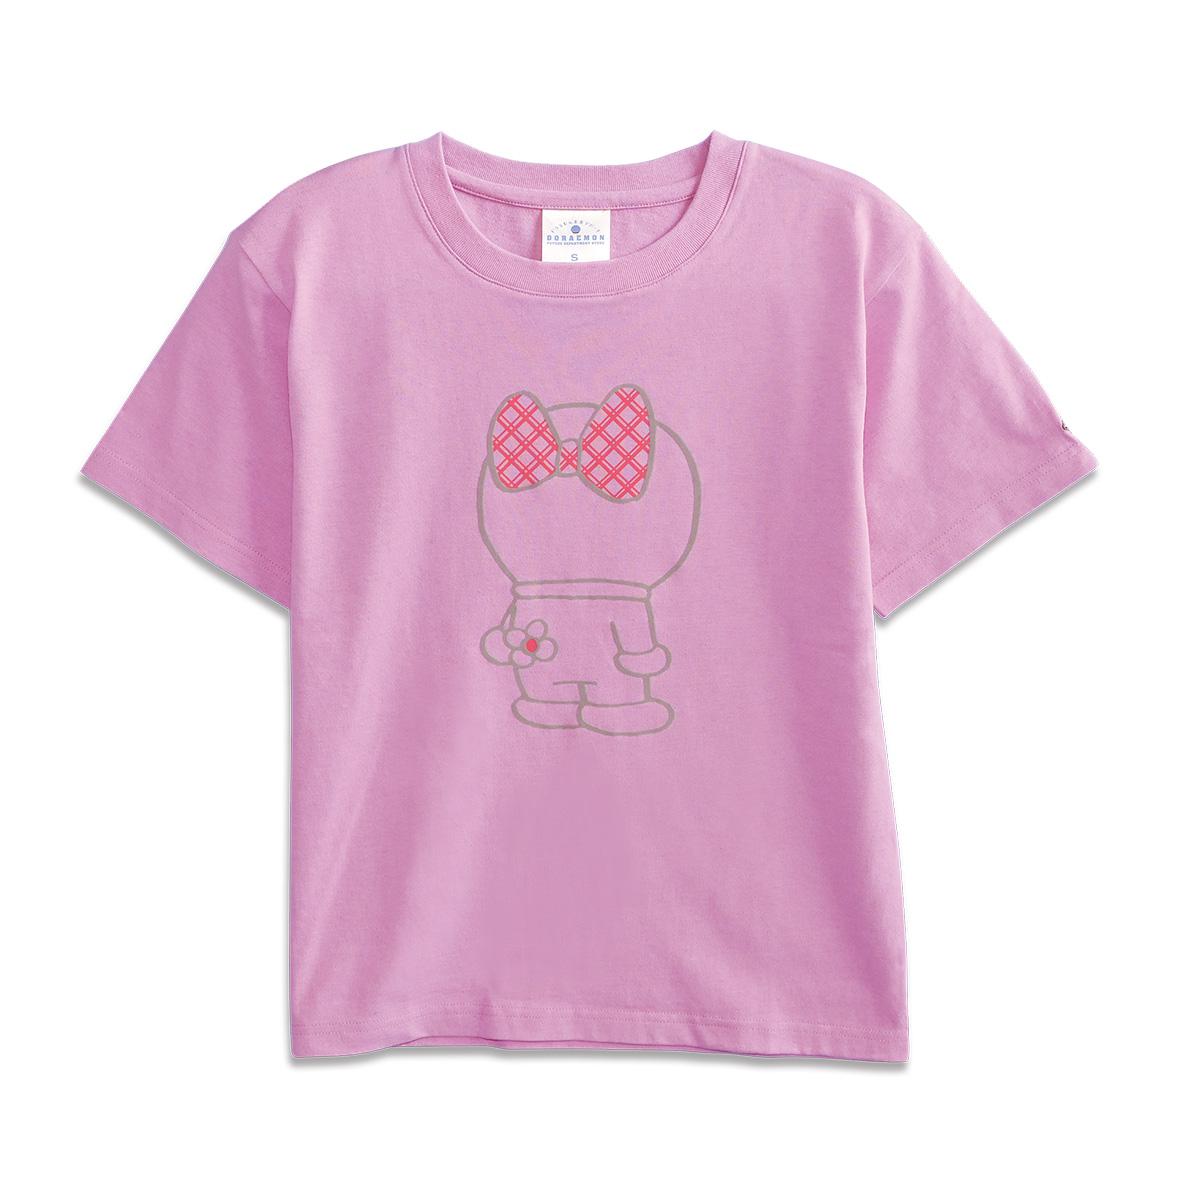 Tシャツ ドラミ後ろすがた ピンク M